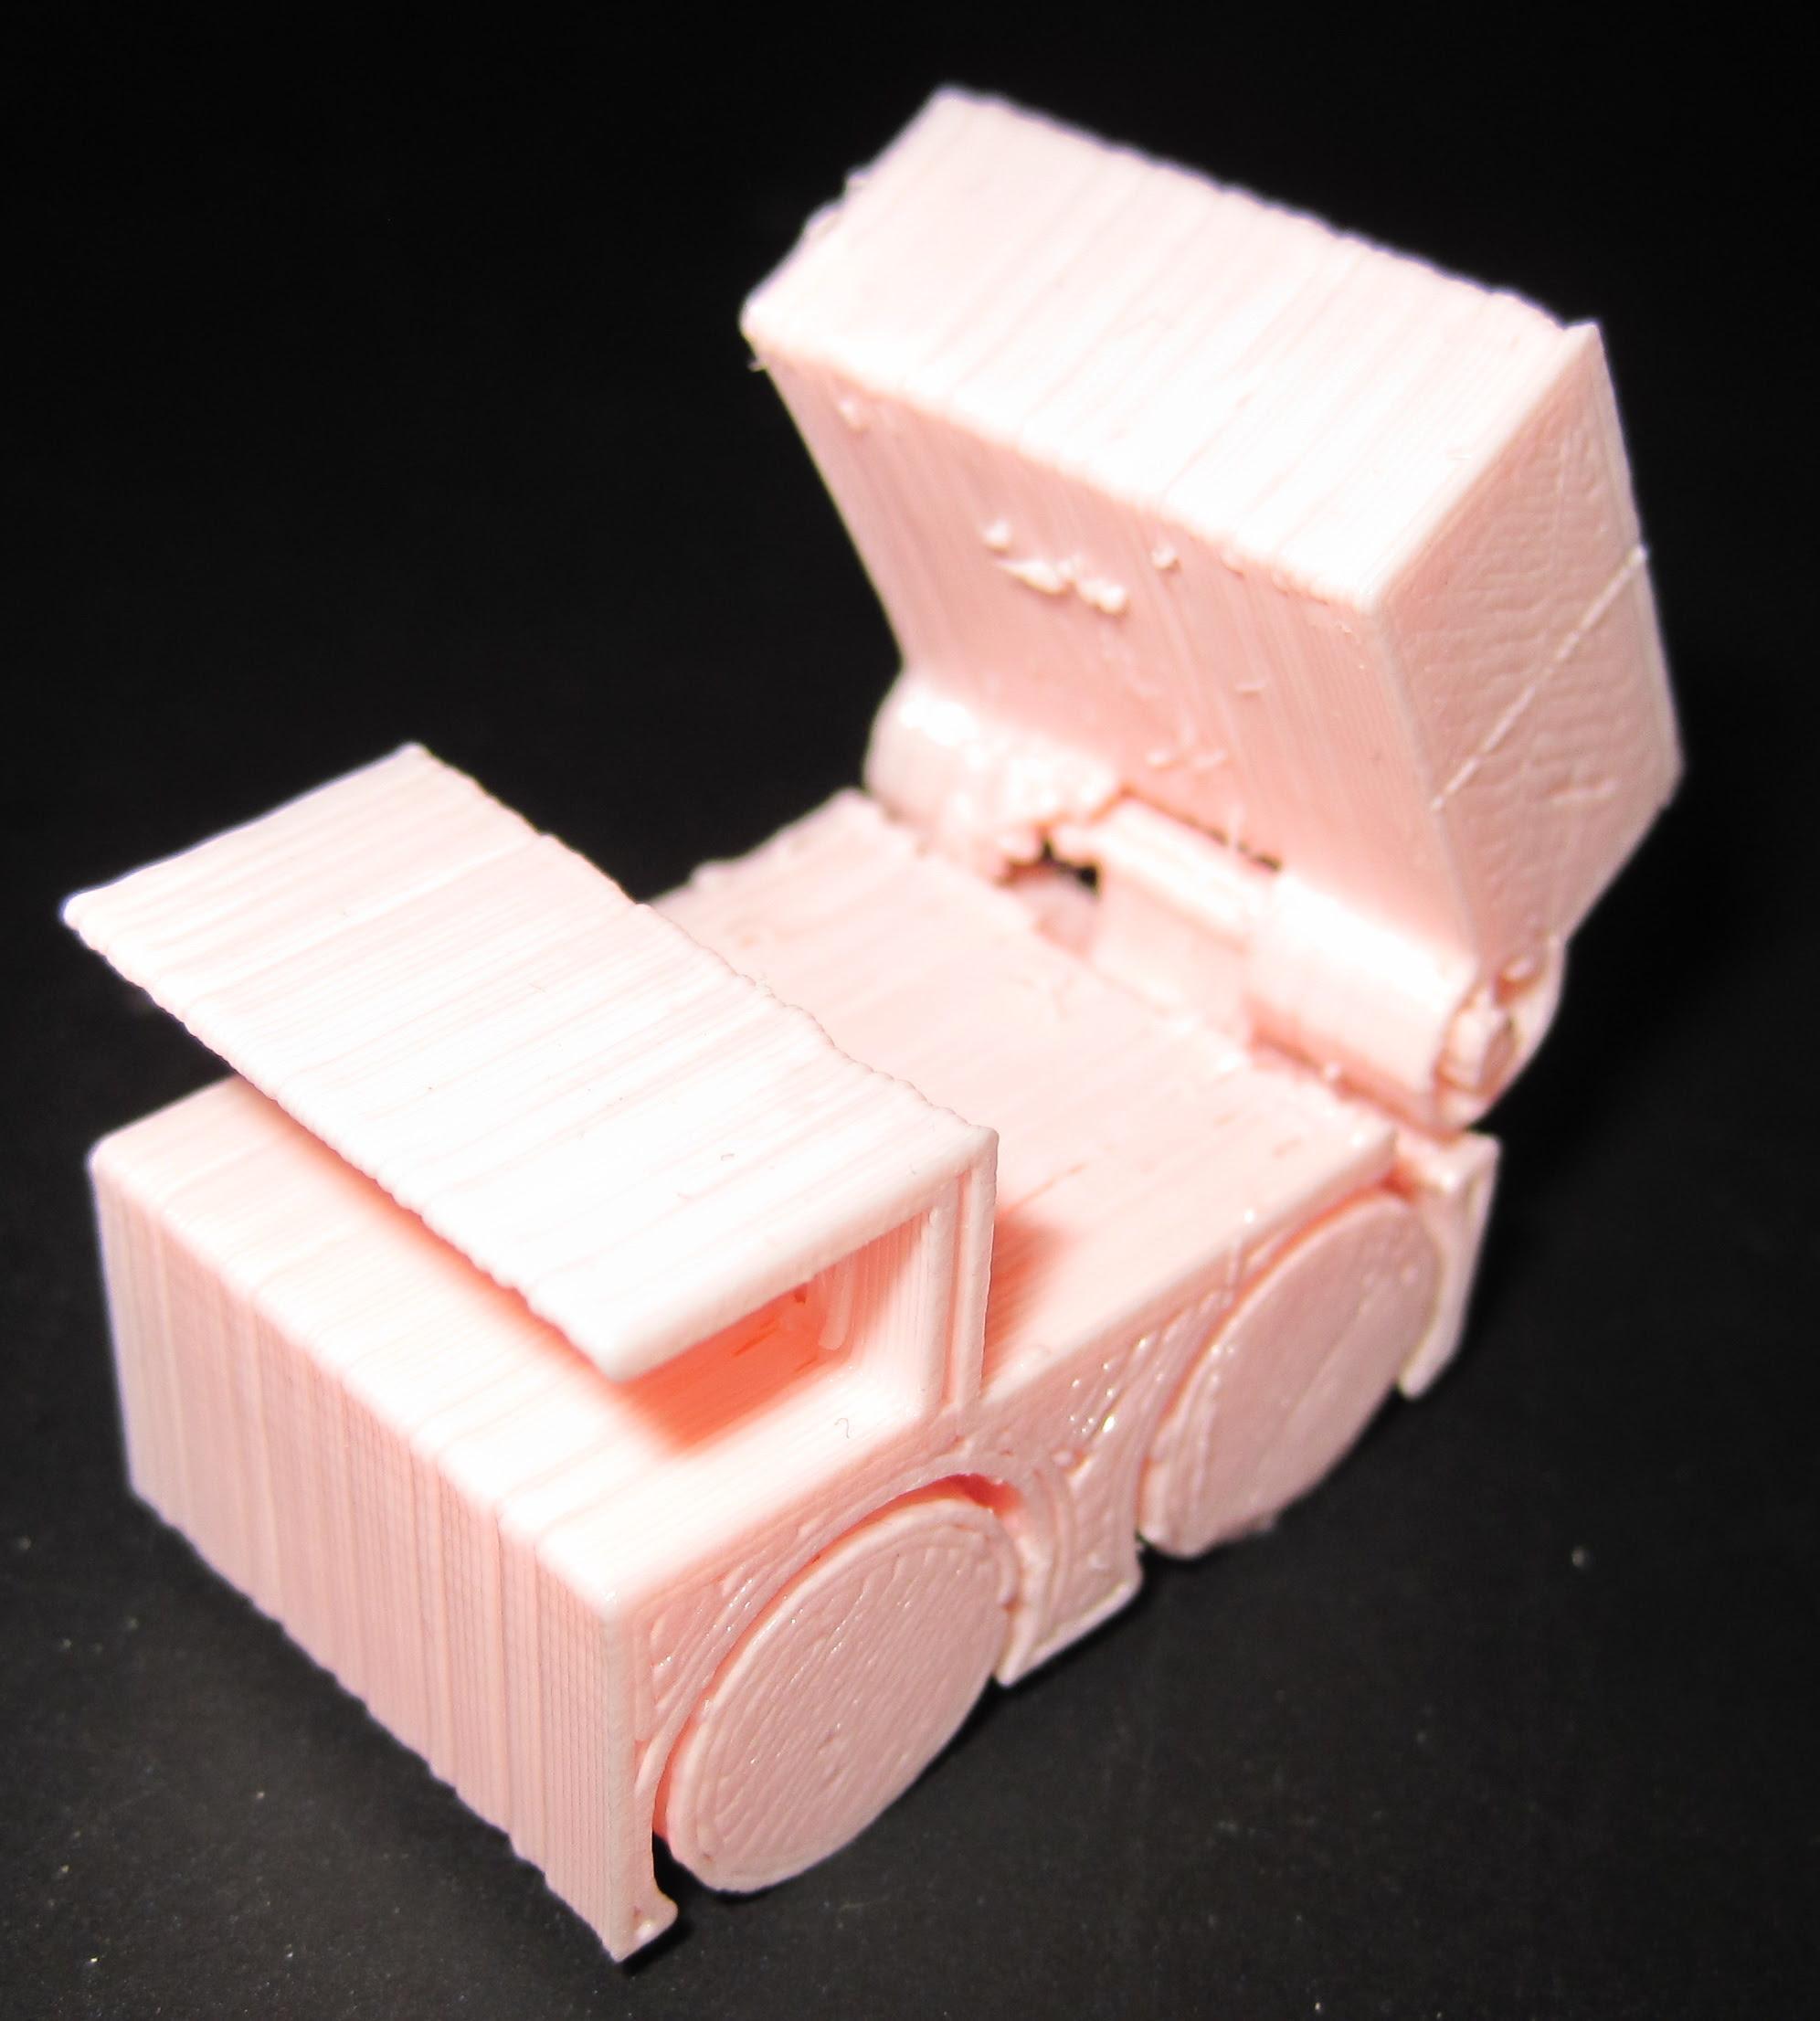 A 20mm high pink dump truck toy